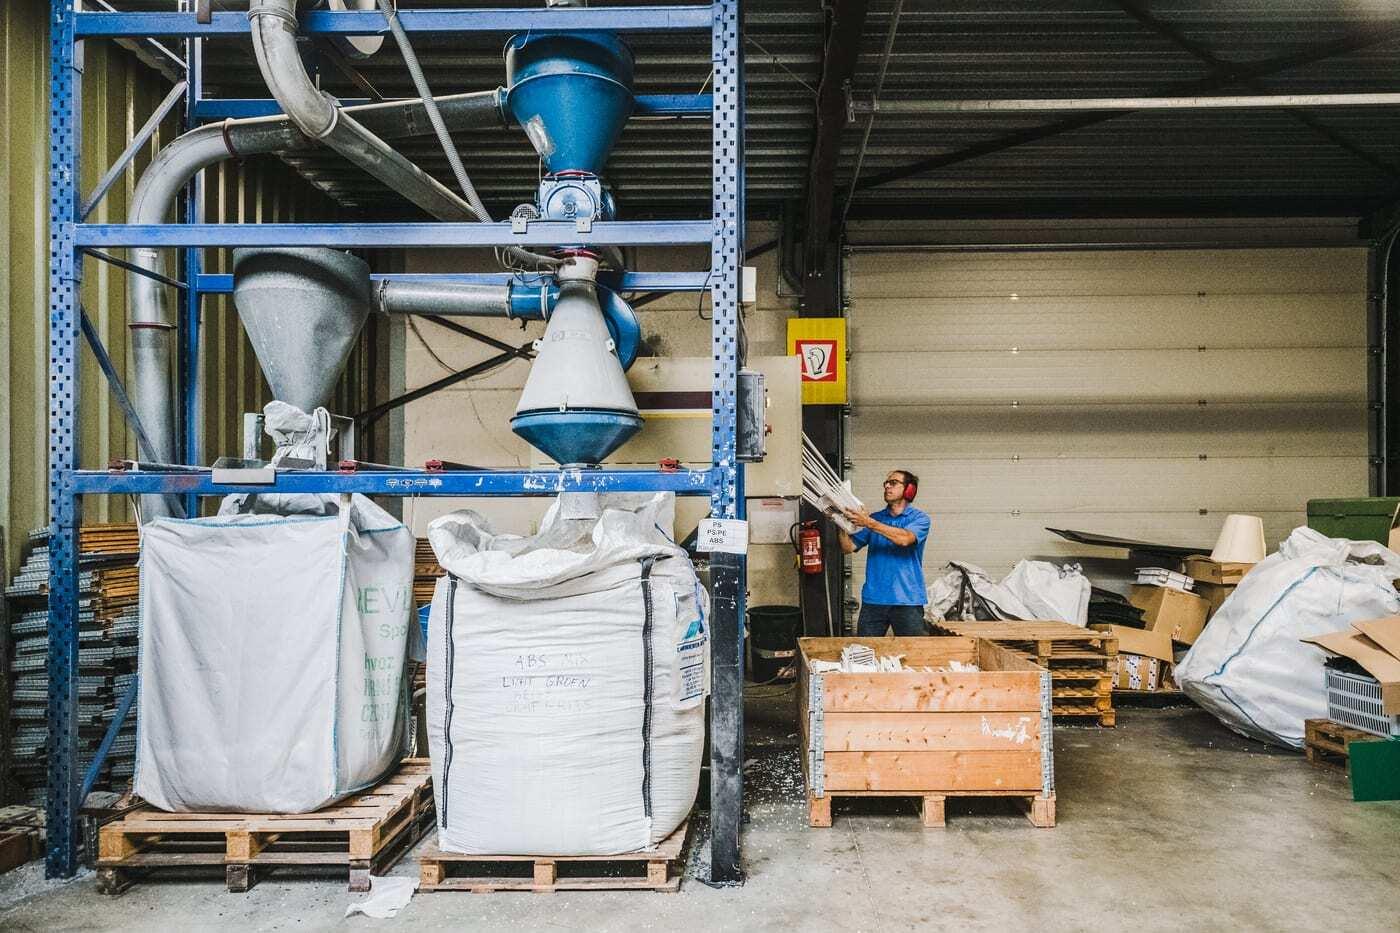 Les déchets sont préparés pour être recyclés dans l'usine de concassage.